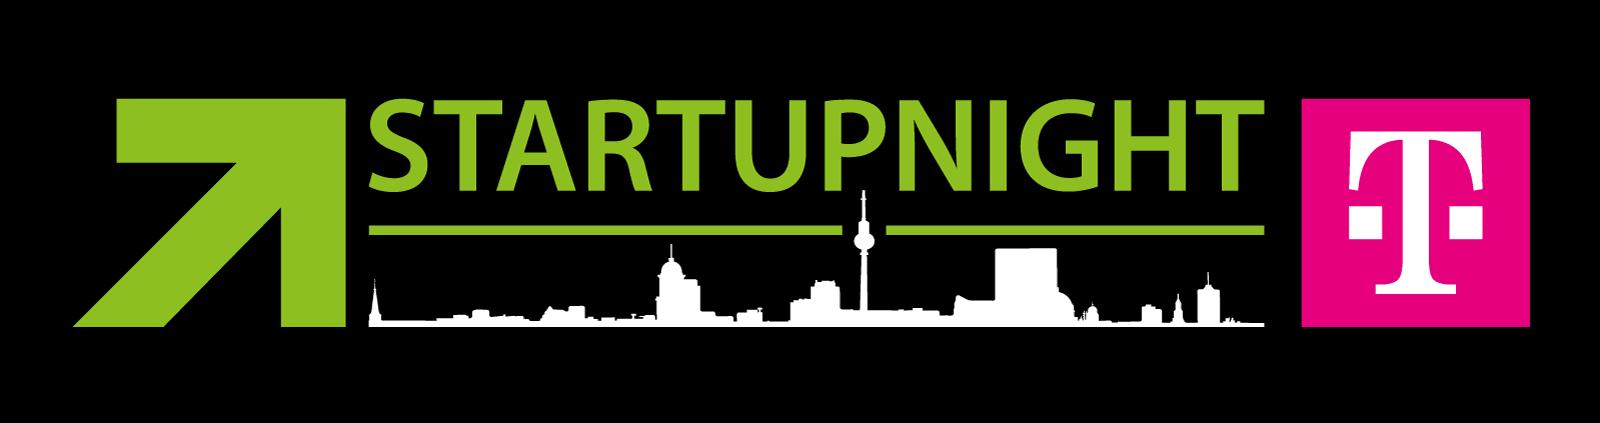 Startupnight_Logo_black_Skyline